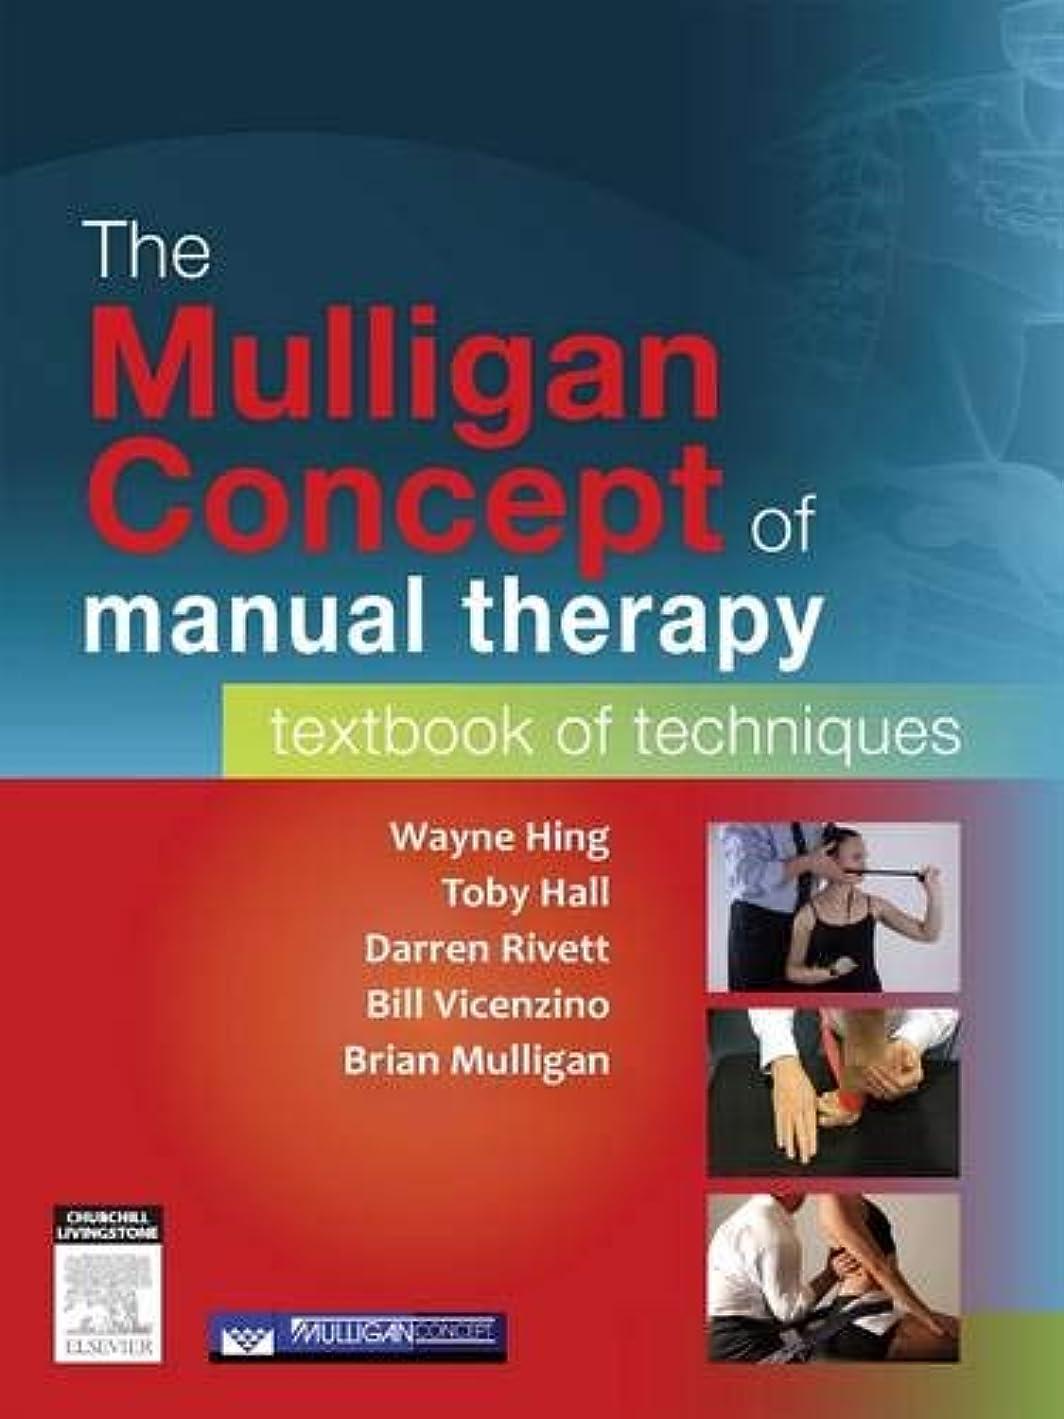 演劇喪突き刺すThe Mulligan Concept of Manual Therapy: Textbook of Techniques, 1e